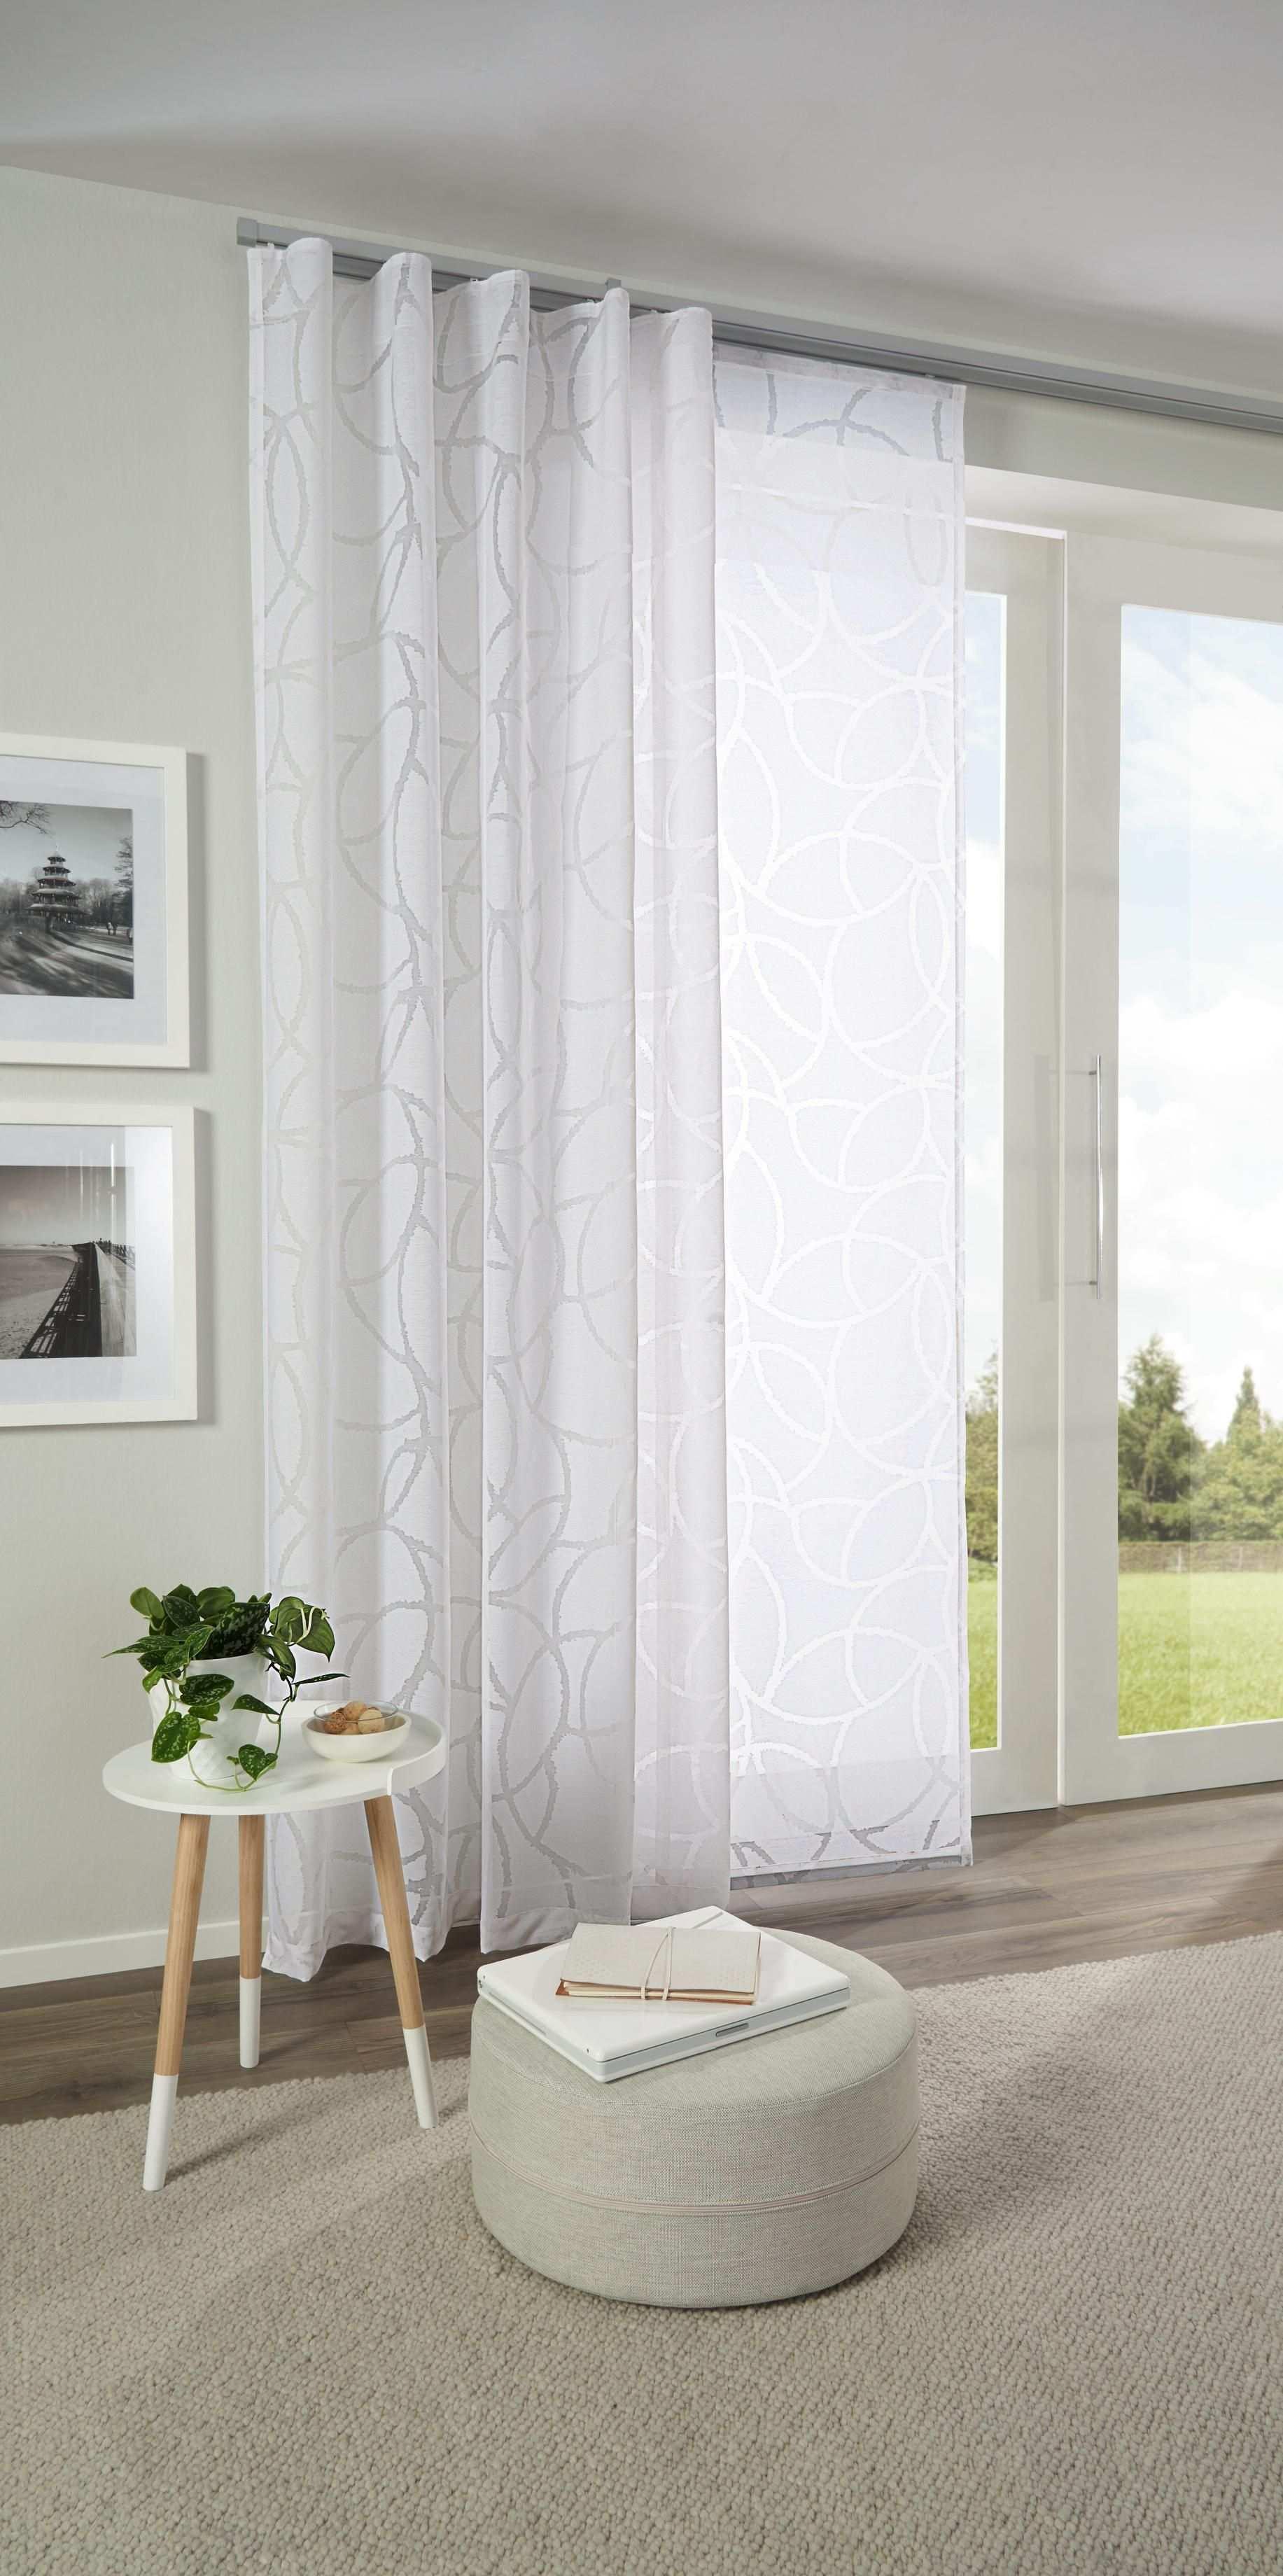 Hubscher Vorhang Mit Zartem Muster In Weiss Von Esposa Gardinen Wohnzimmer Modern Vorhange Schlafzimmer Gardinen Wohnzimmer